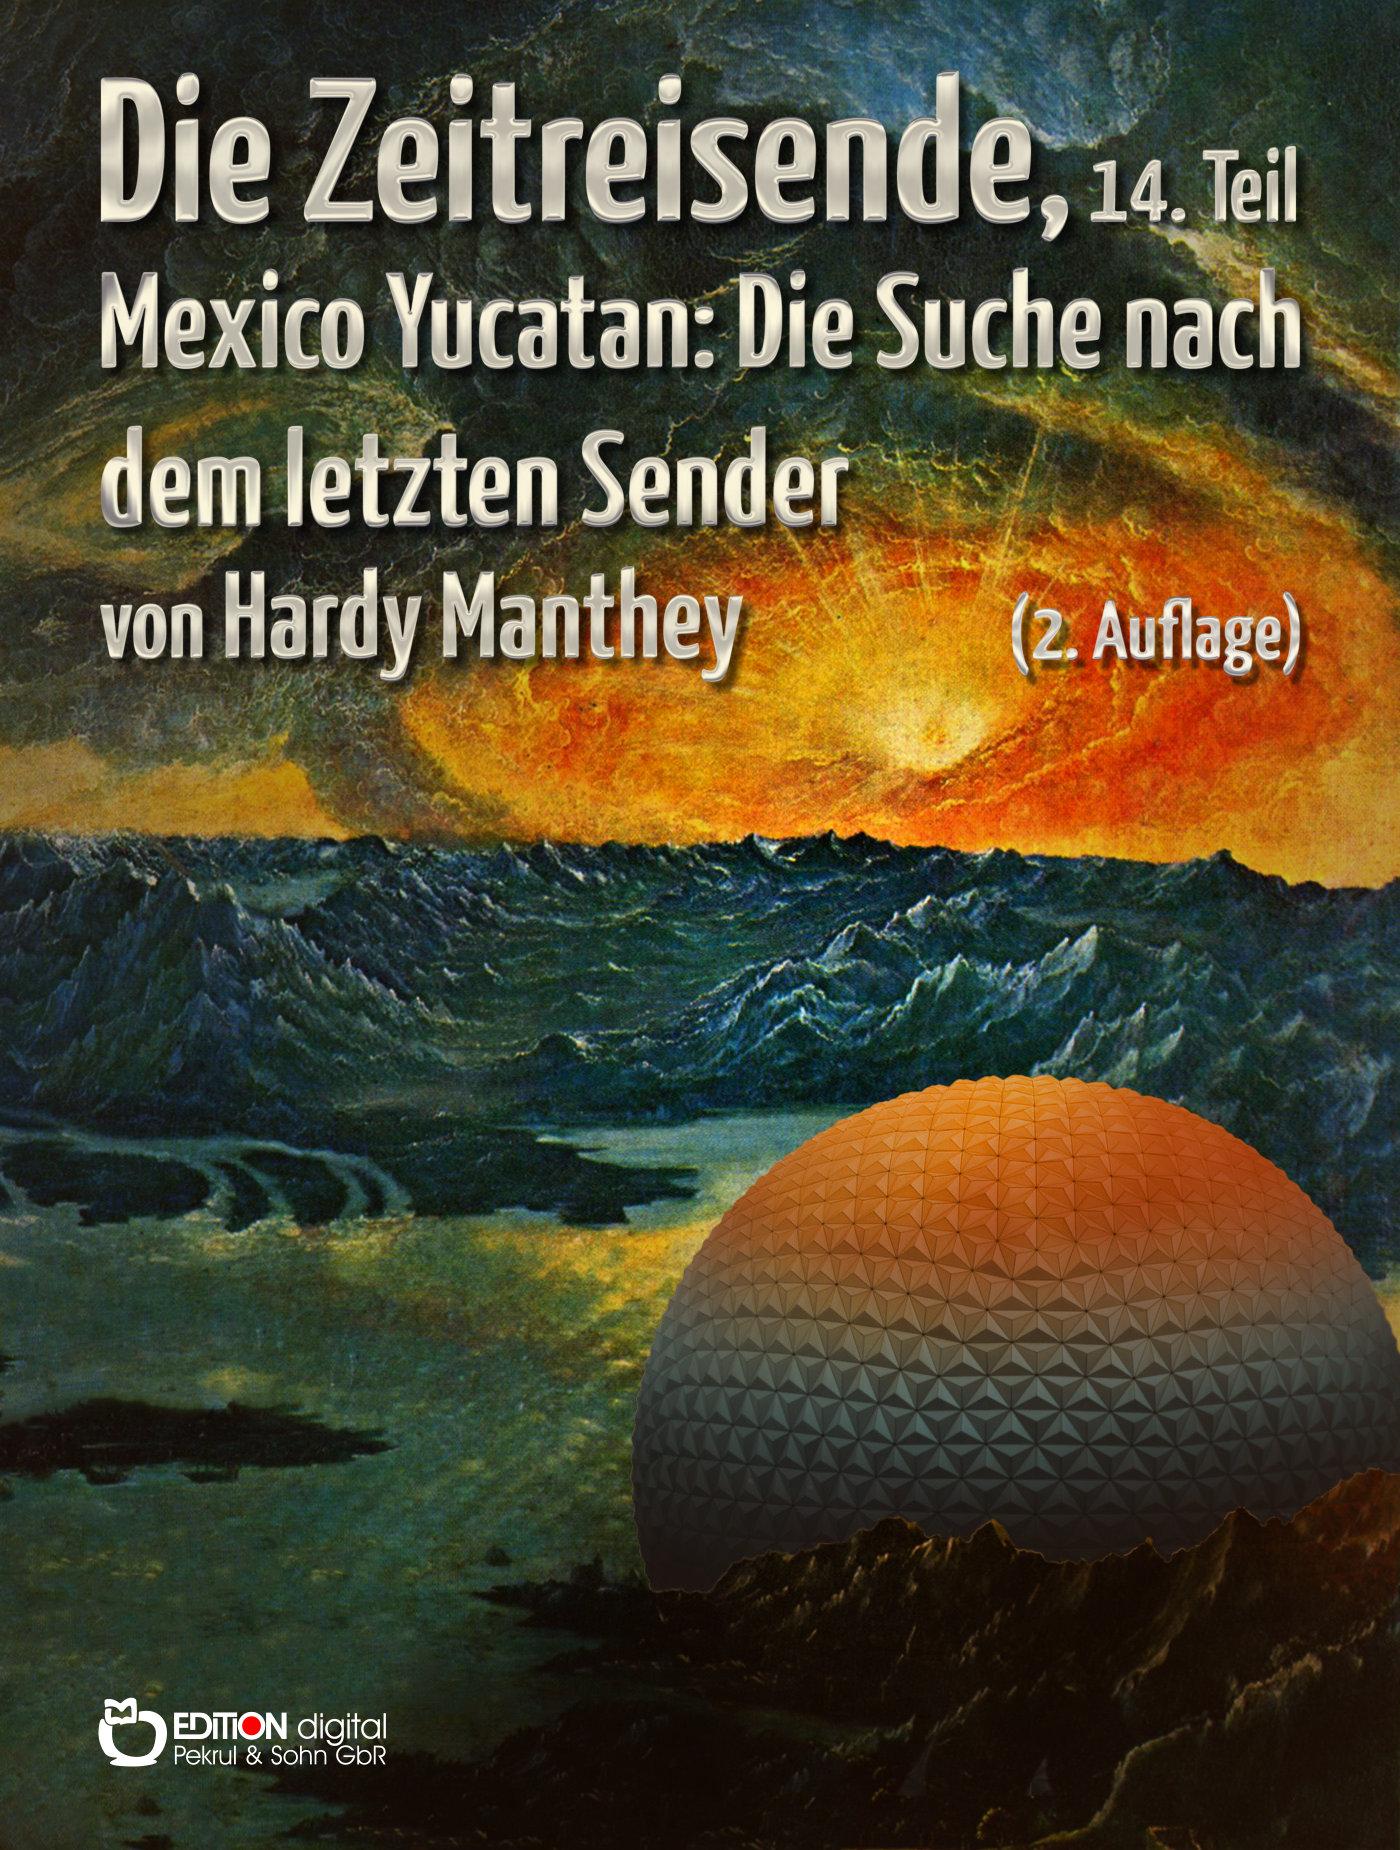 Die Zeitreisende, 14. Teil. Mexiko Yucatan: Die Suche nach dem letzten Sender von Hardy Manthey